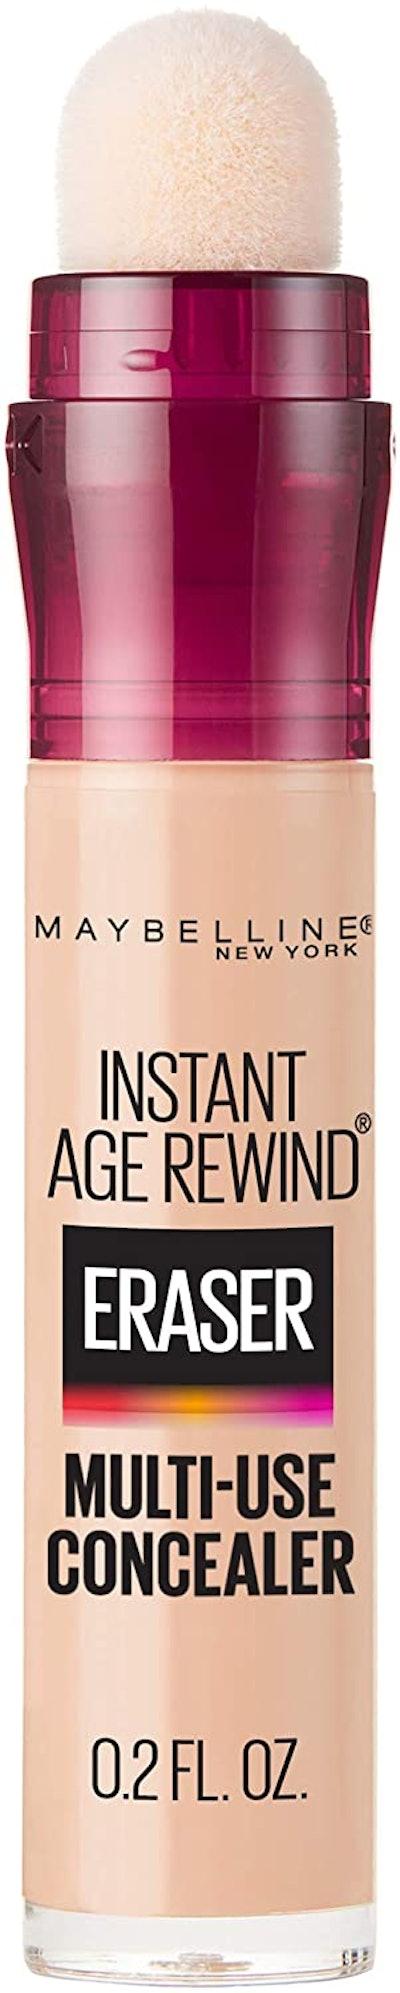 Maybelline Instant Age Rewind Eraser Dark Circles Treatment